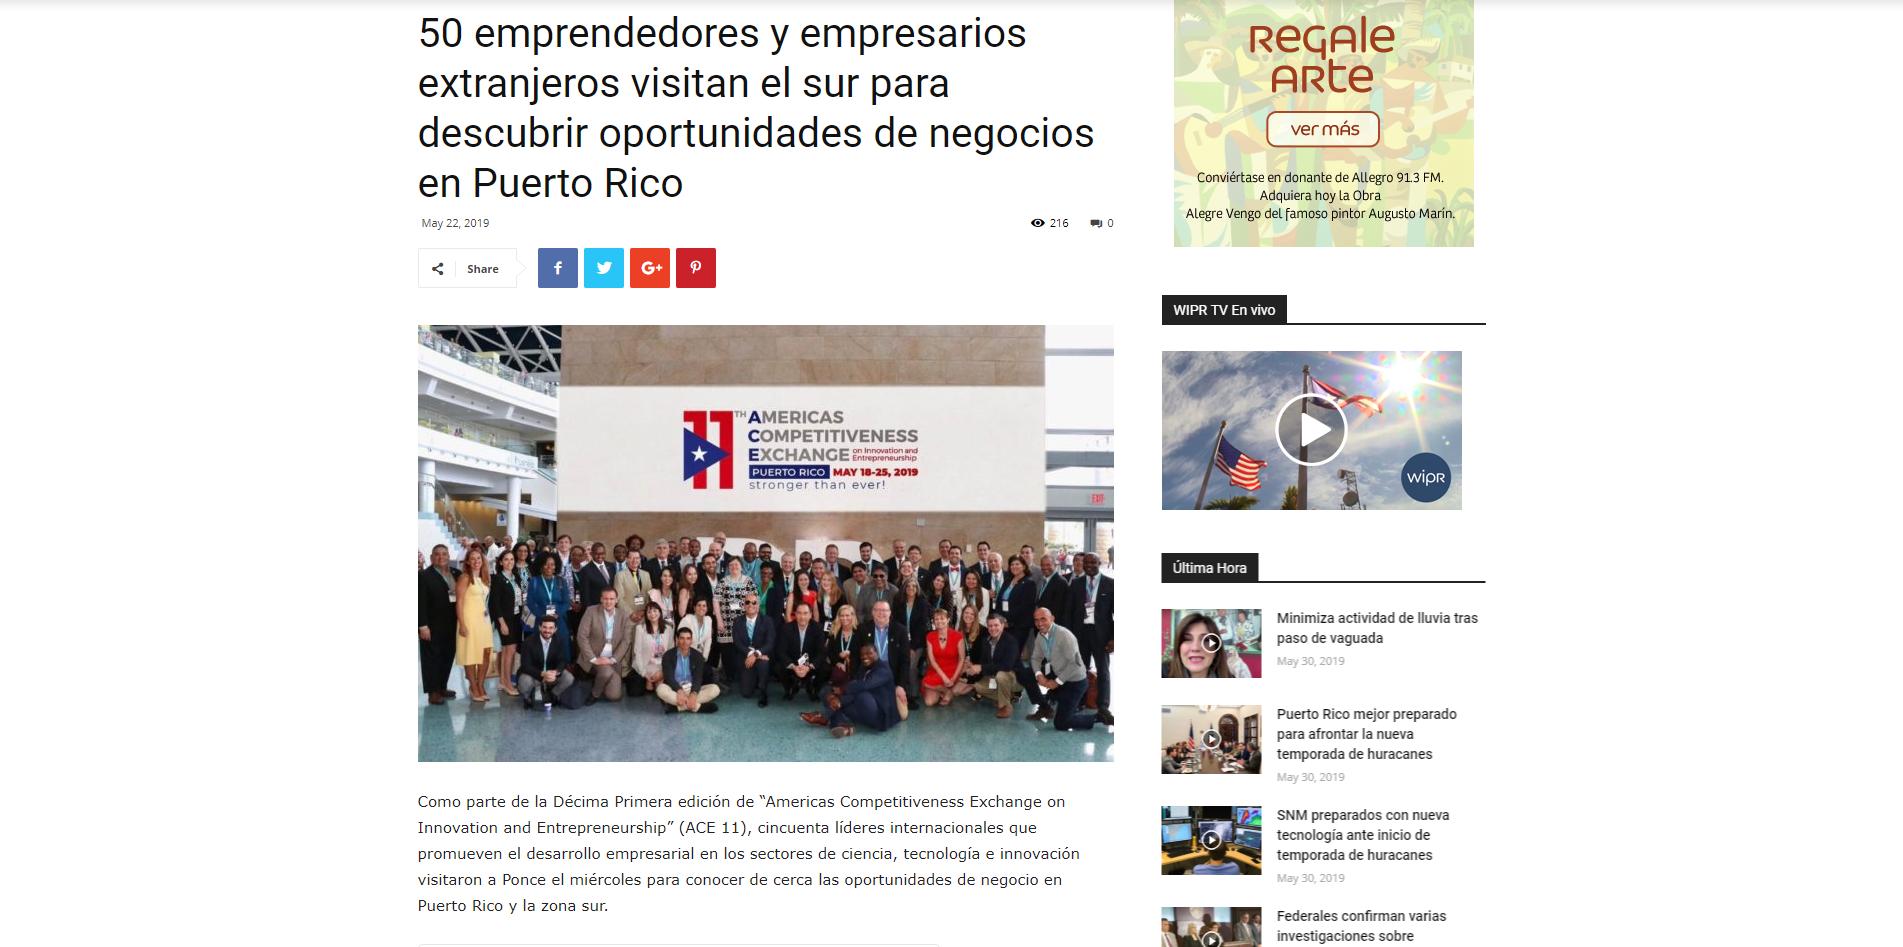 """""""50 Emprendedores y Empresarios Extranjeros Visitan el Sur para Descubrir Oportunidades de Negocios en Puerto Rico"""", Notisies 360, May 22, 2019"""